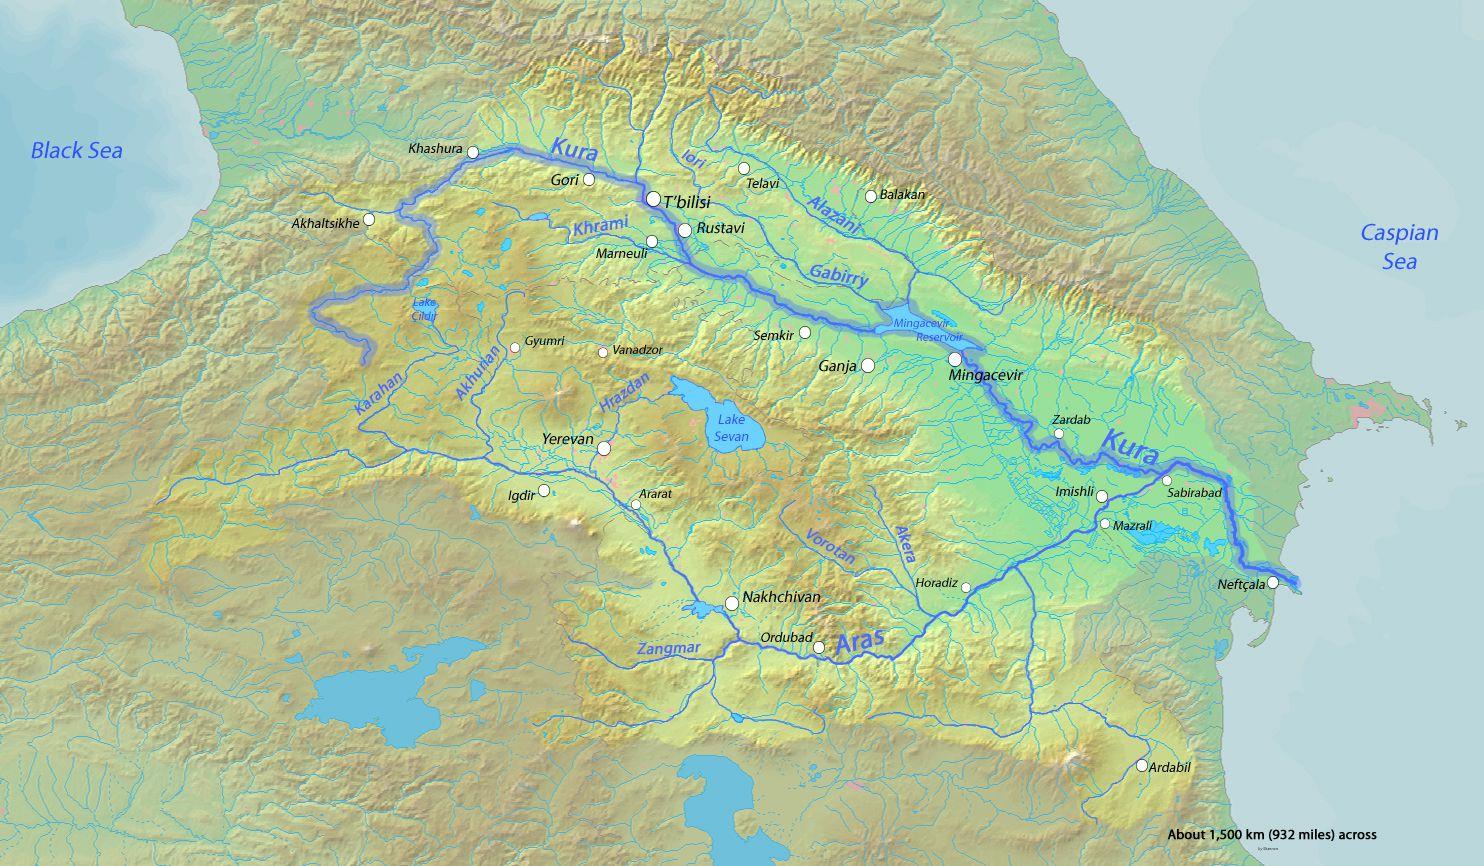 Carte des fleuves de l'Azerbaïdjan